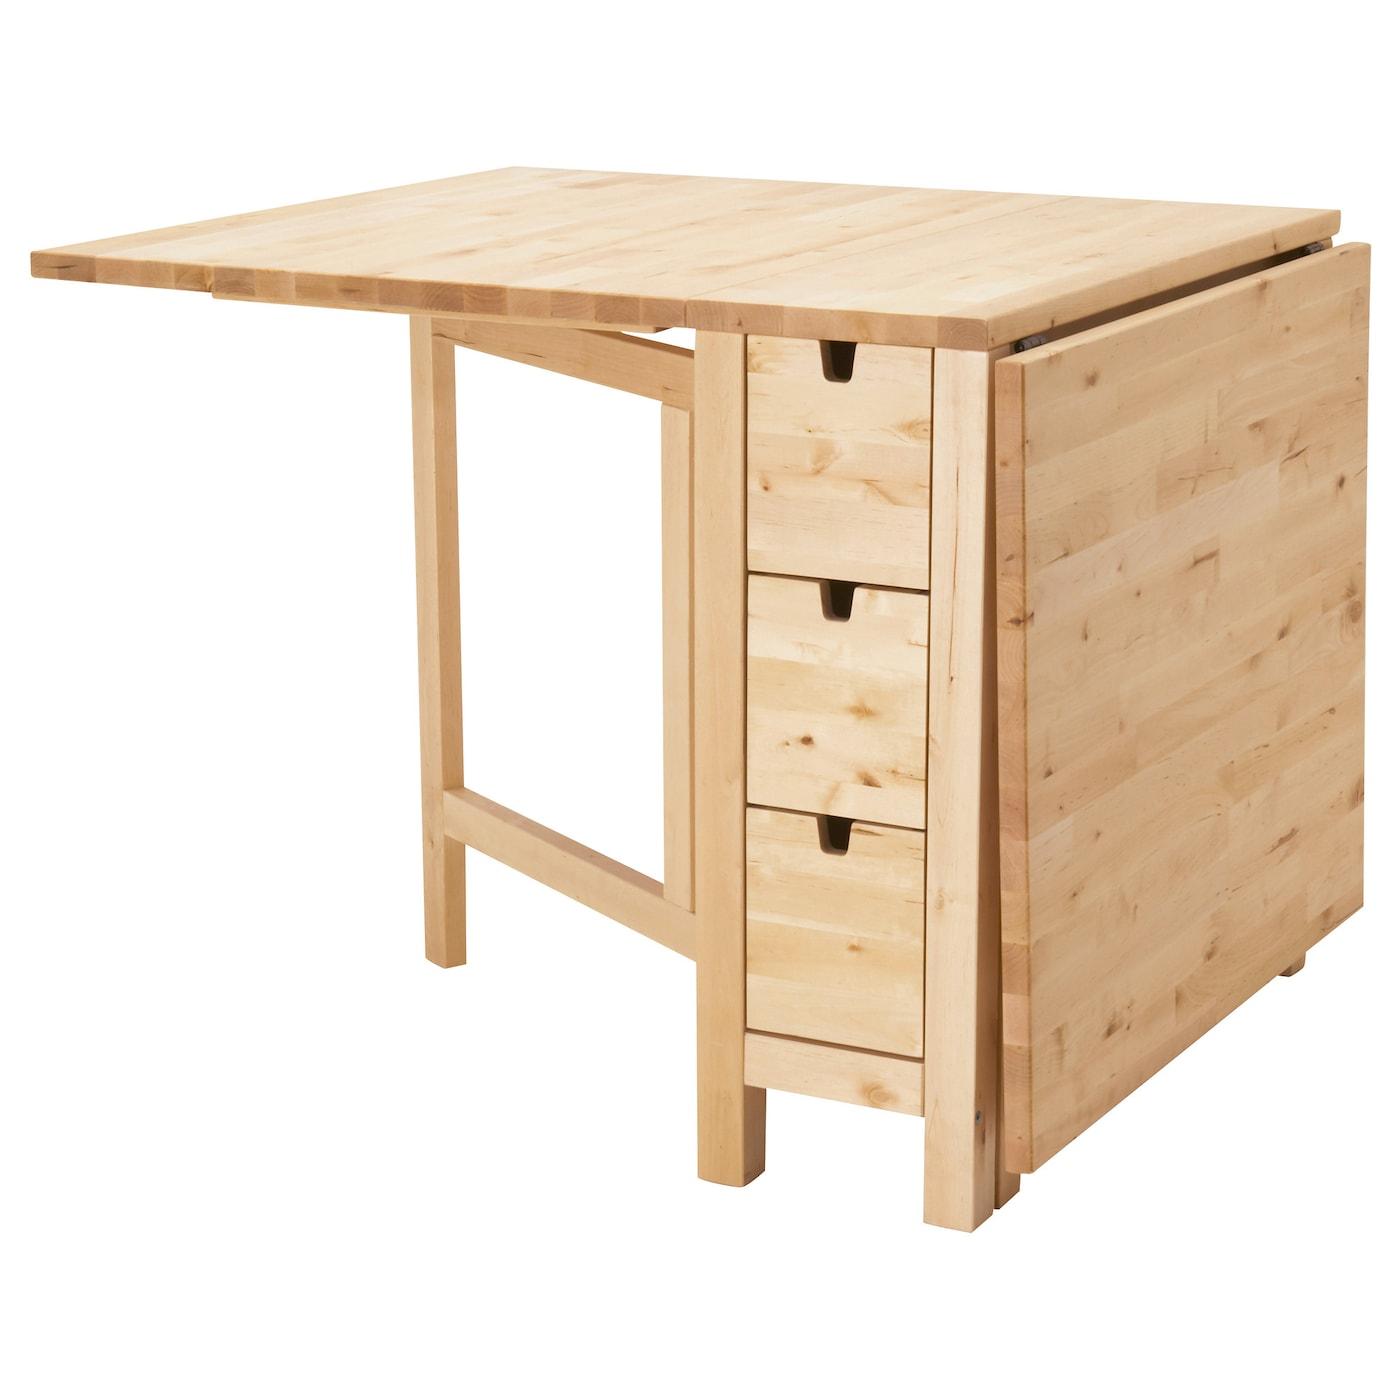 NORDEN Klapptisch - IKEA